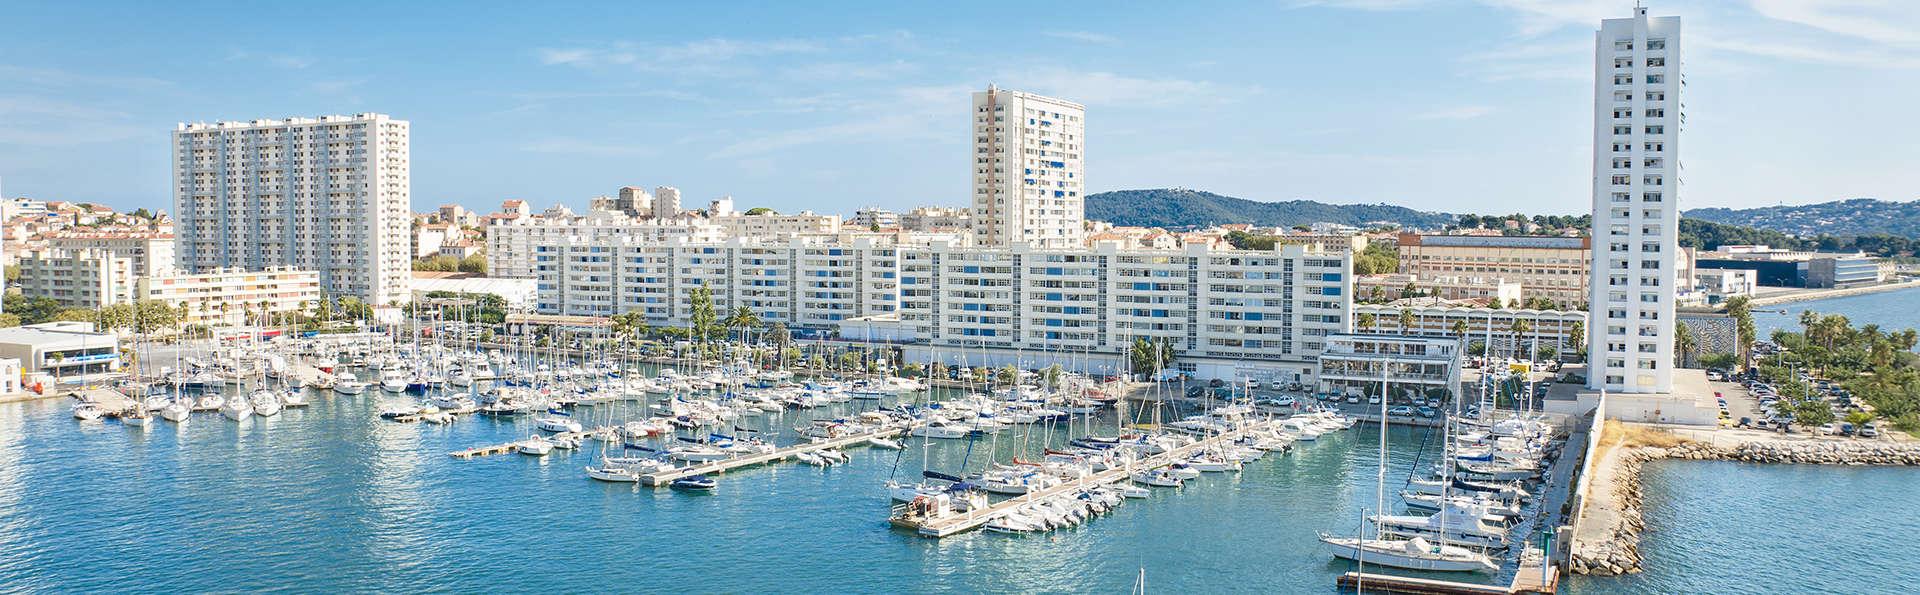 Week-end au bord de la mer à Toulon